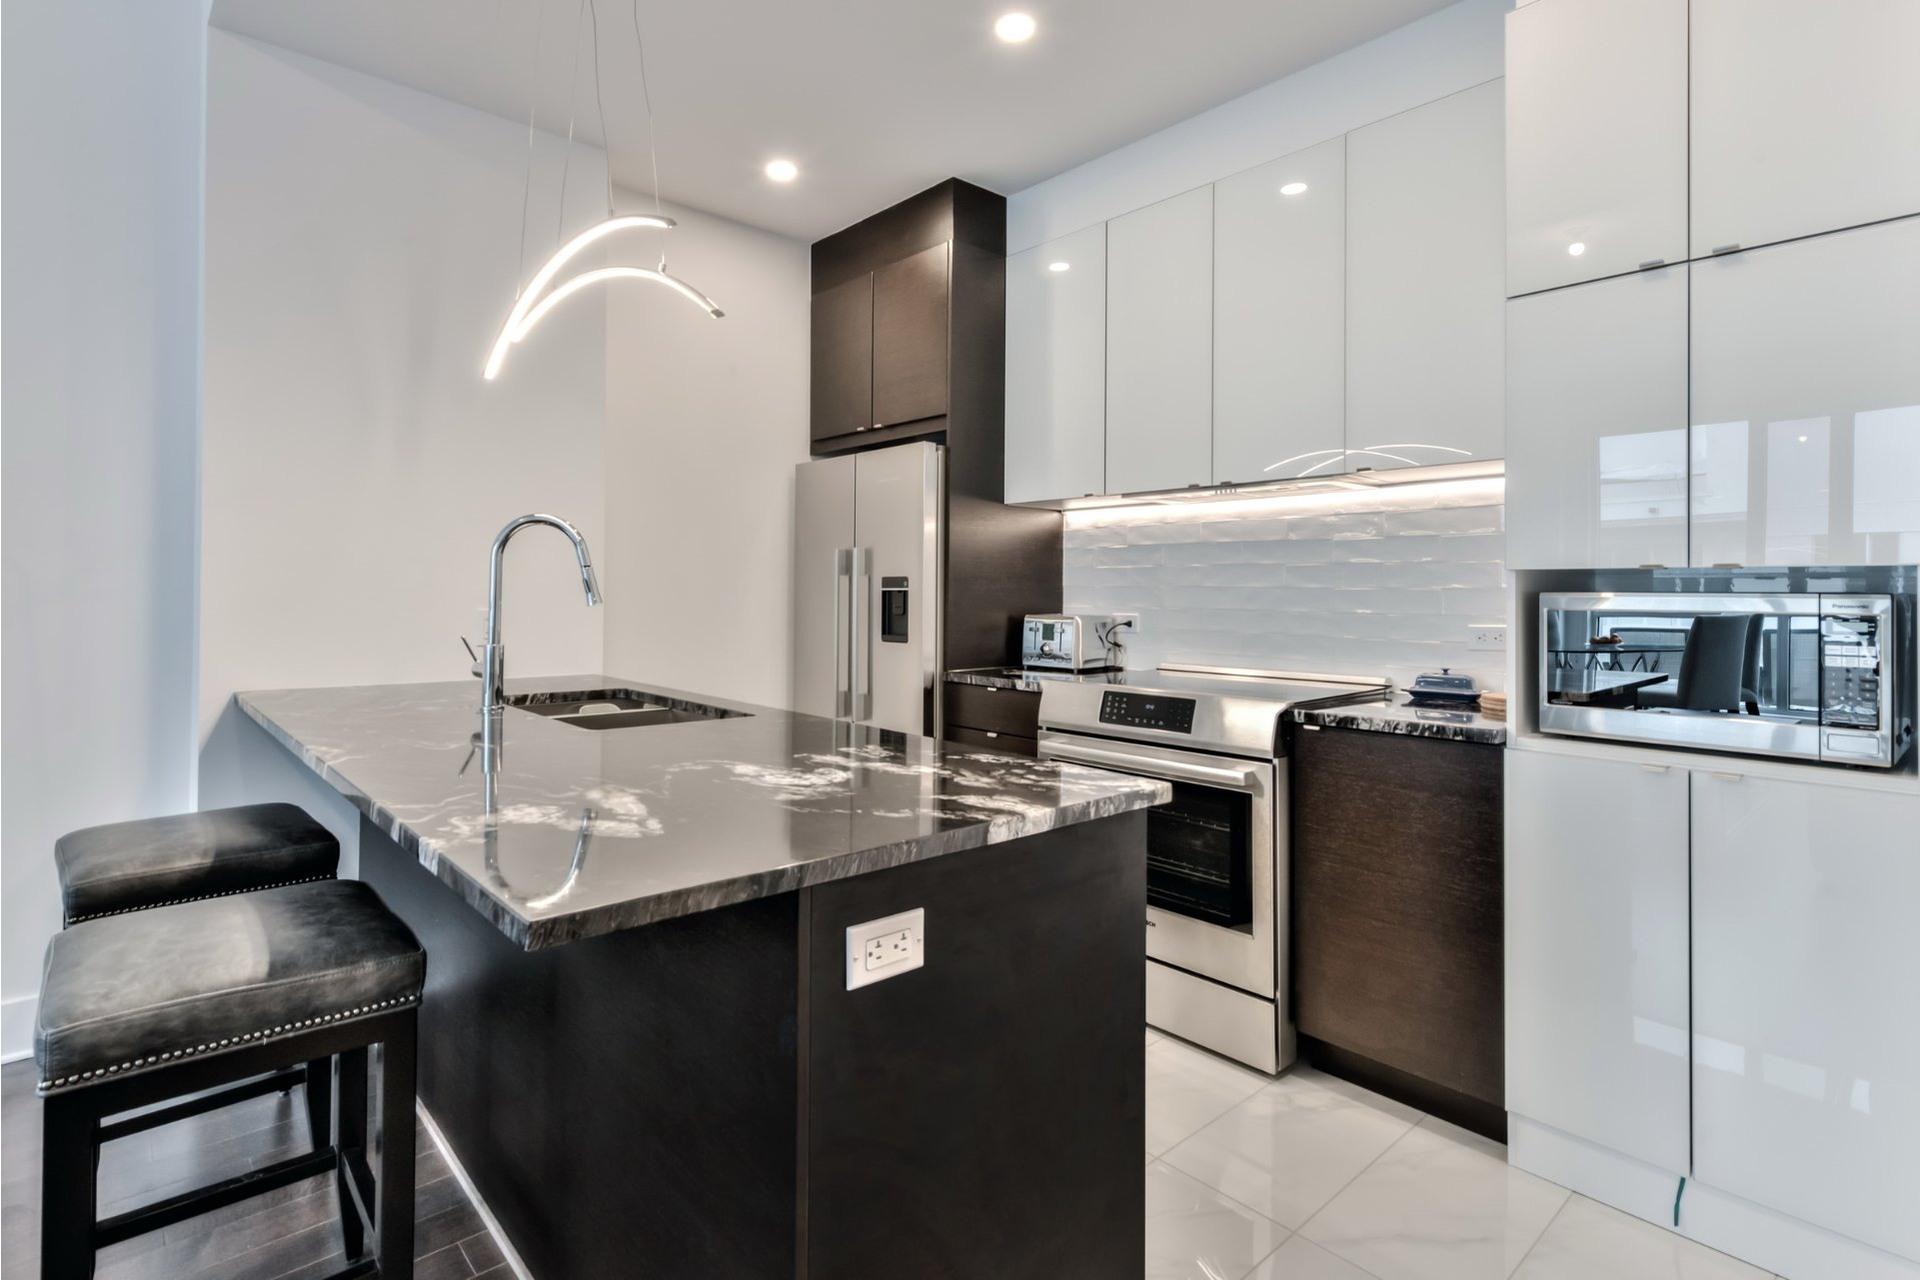 image 7 - Apartment For sale Côte-des-Neiges/Notre-Dame-de-Grâce Montréal  - 4 rooms